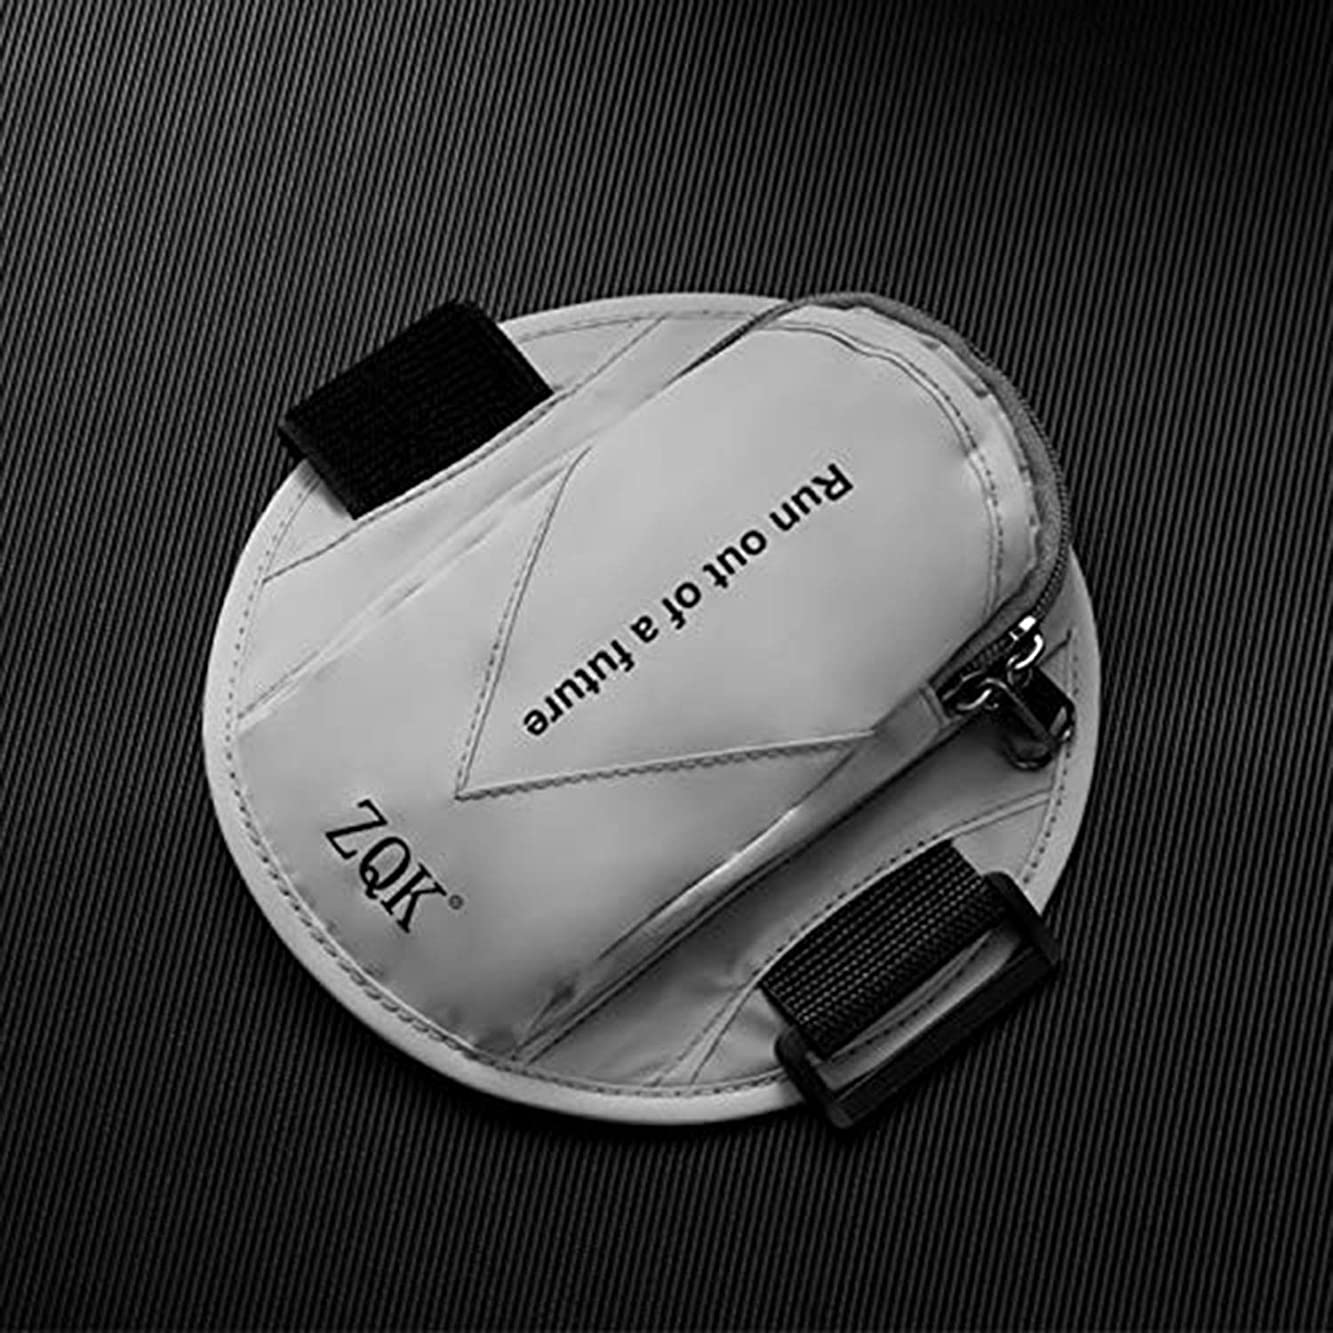 便宜便宜完璧なランニングアームバッグ、携帯アームバンド/アウトドアスポーツの男性と女性のアームバッグ/アームバッグ/リストバッグ/防水携帯電話のアームバッグ